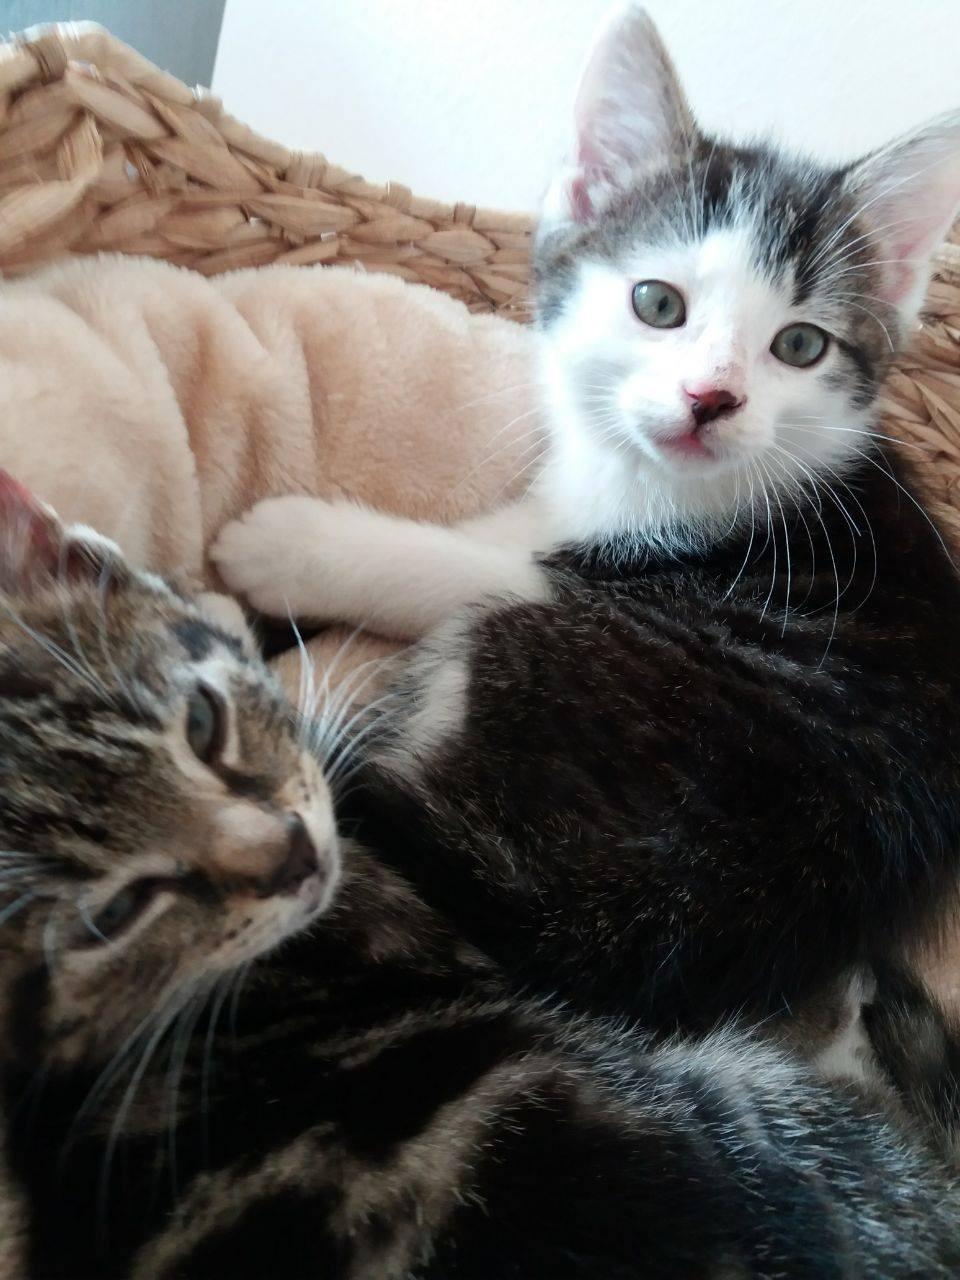 zwei Katzenkinder in einem Korb, schauen in die Kamera